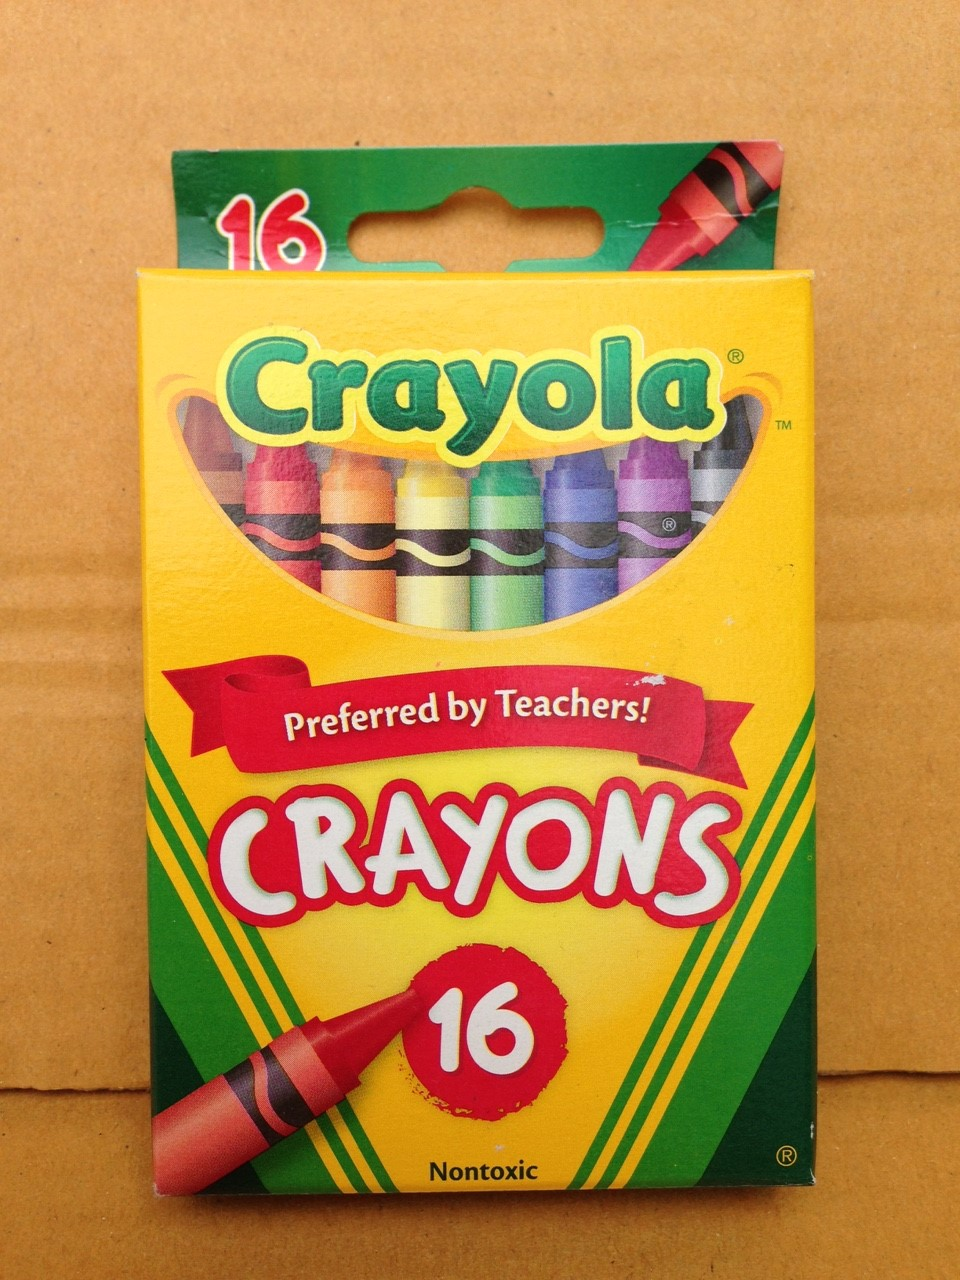 Crayola Crayons สีเทียนแท่งเล็ก กล่องละ 16 แท่ง ปลอดสารพิษ เหมาะสำหรับเด็ก